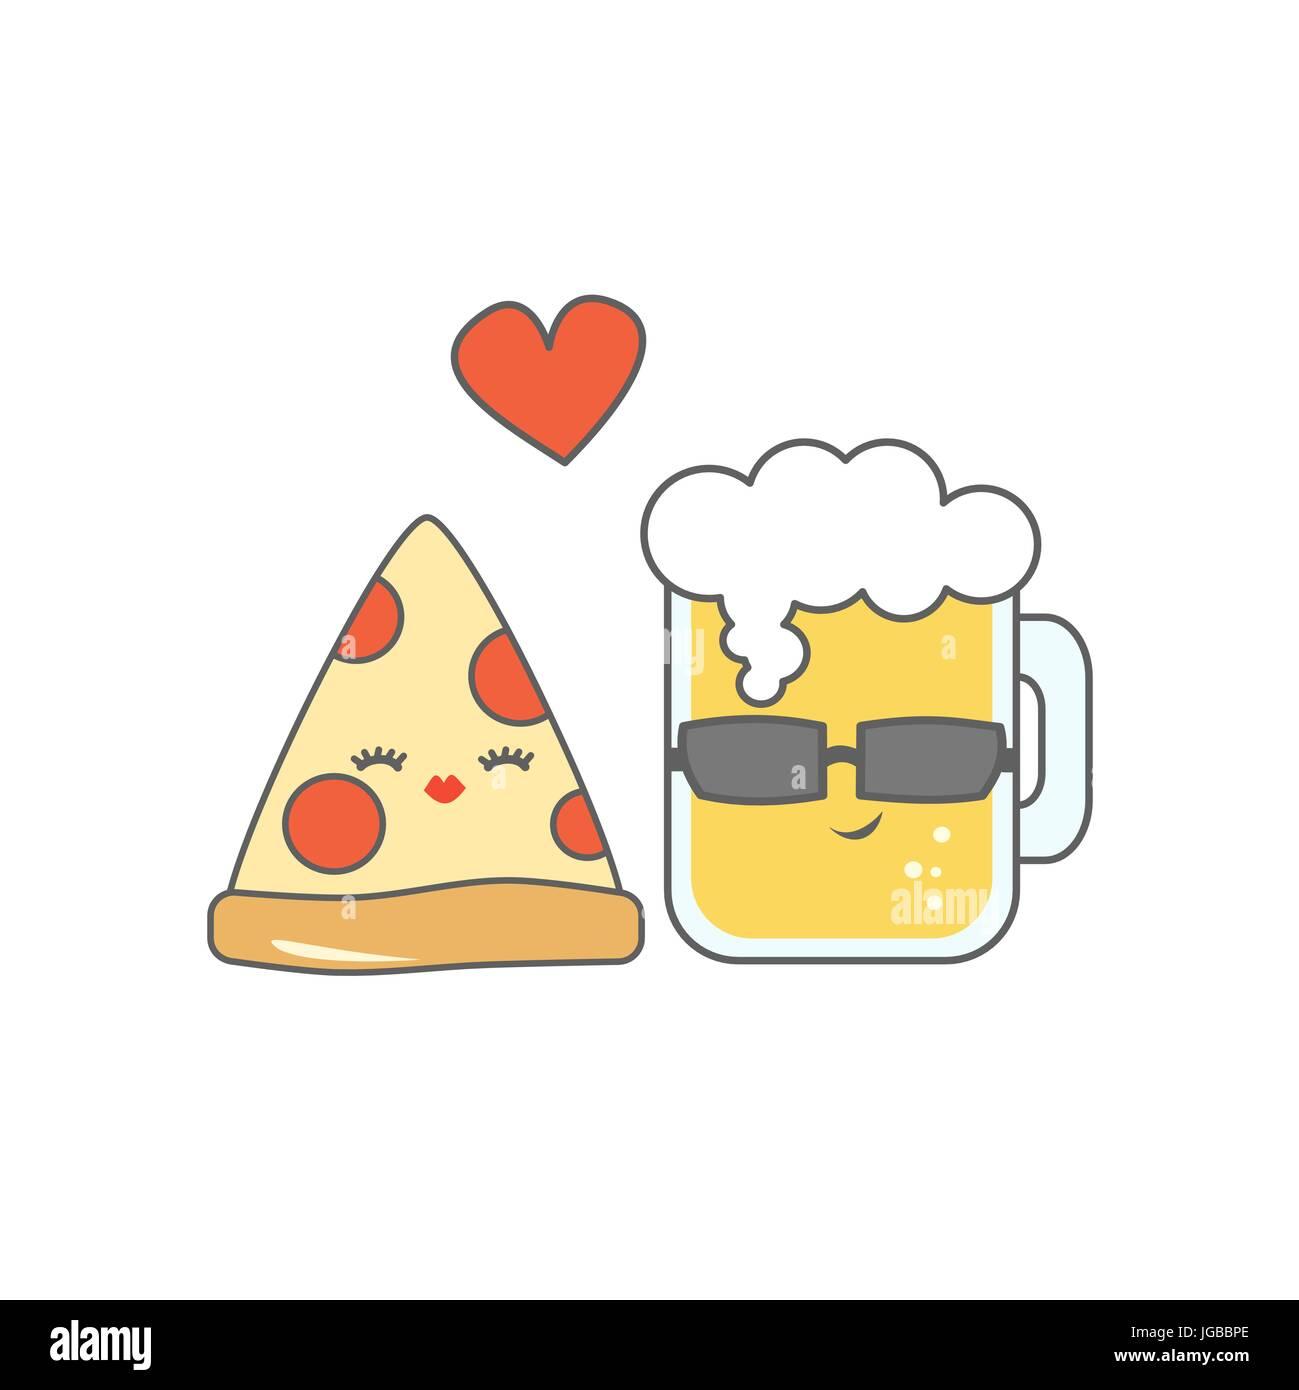 Cute Cartoon Pizza Et Verre De Biere Dans L Amour Drole Vector Illustration Image Vectorielle Stock Alamy